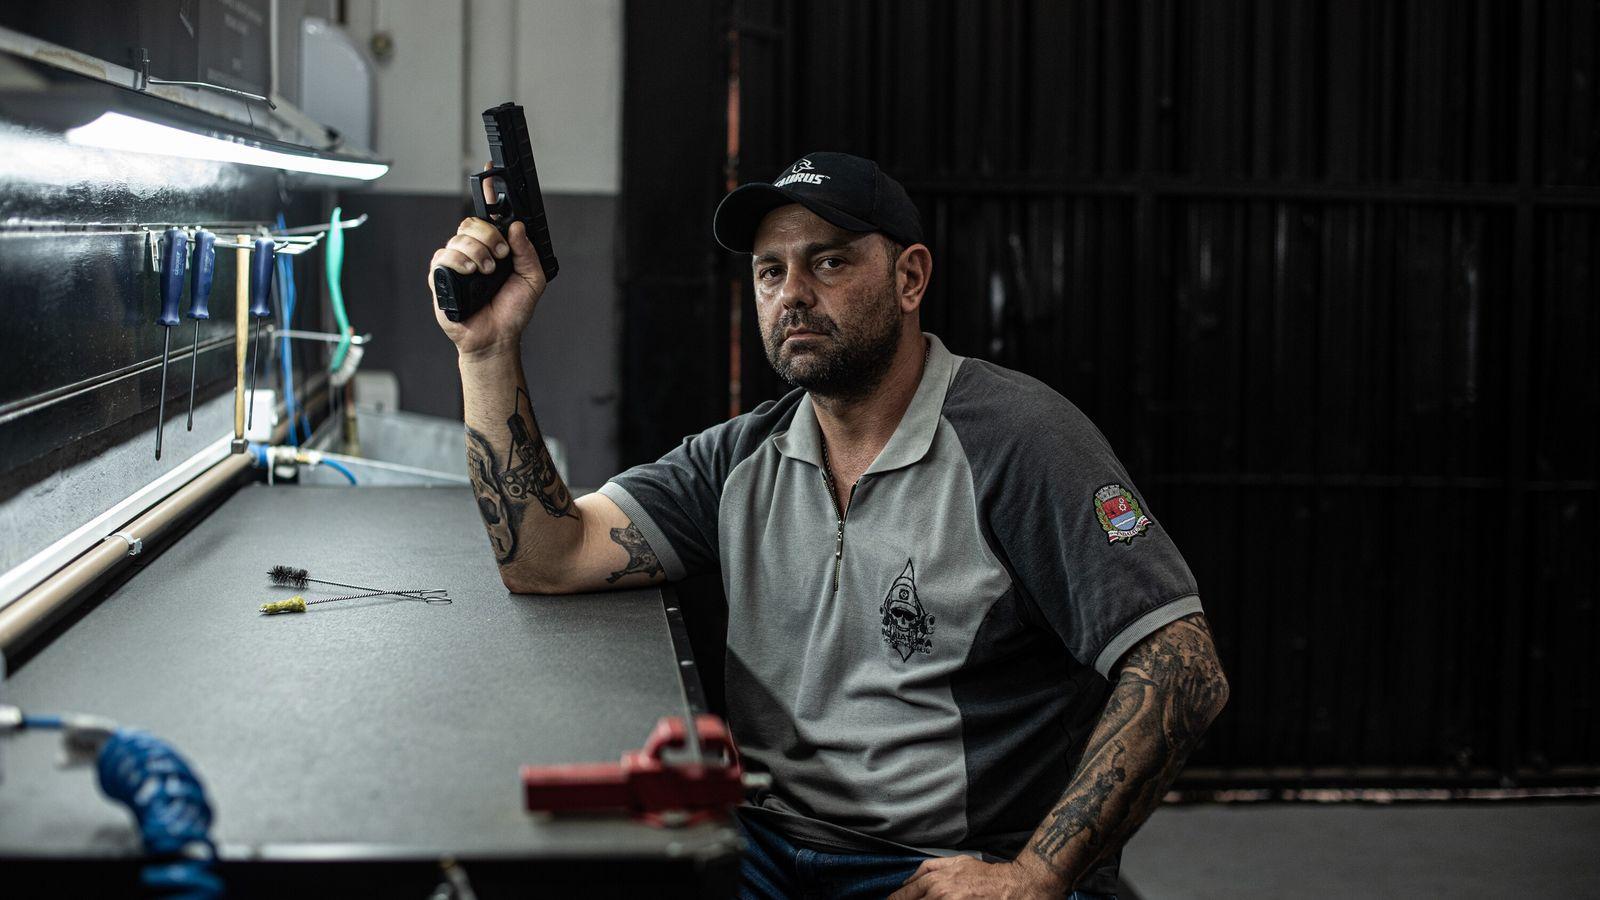 O CAC Danilo Caruso, 40, empunha uma pistola na mesa que utiliza para a manutenção de ...